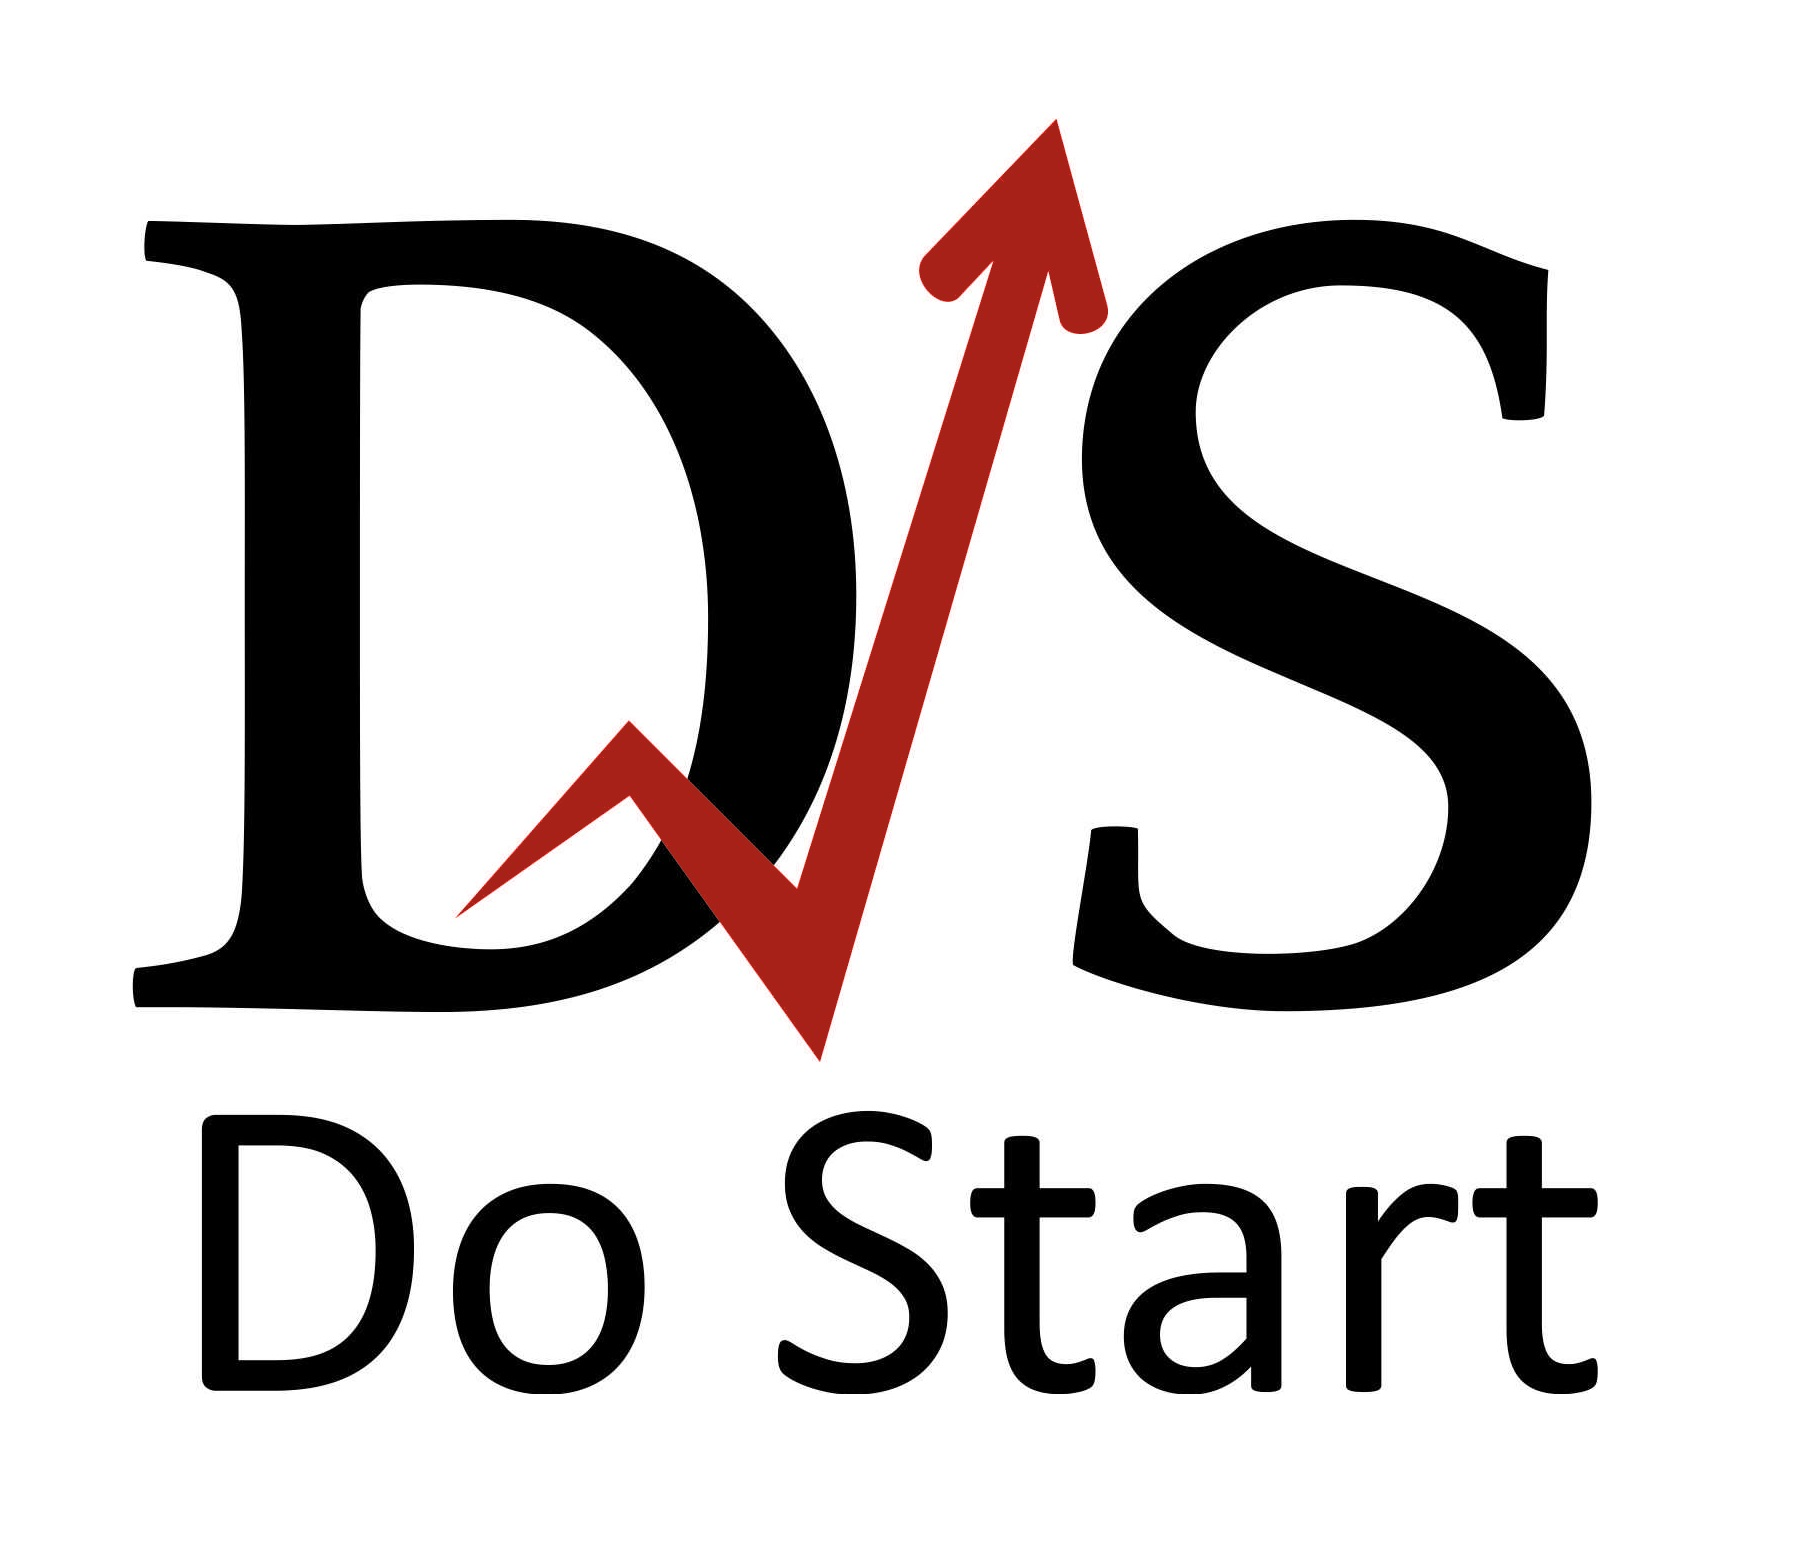 Do Start